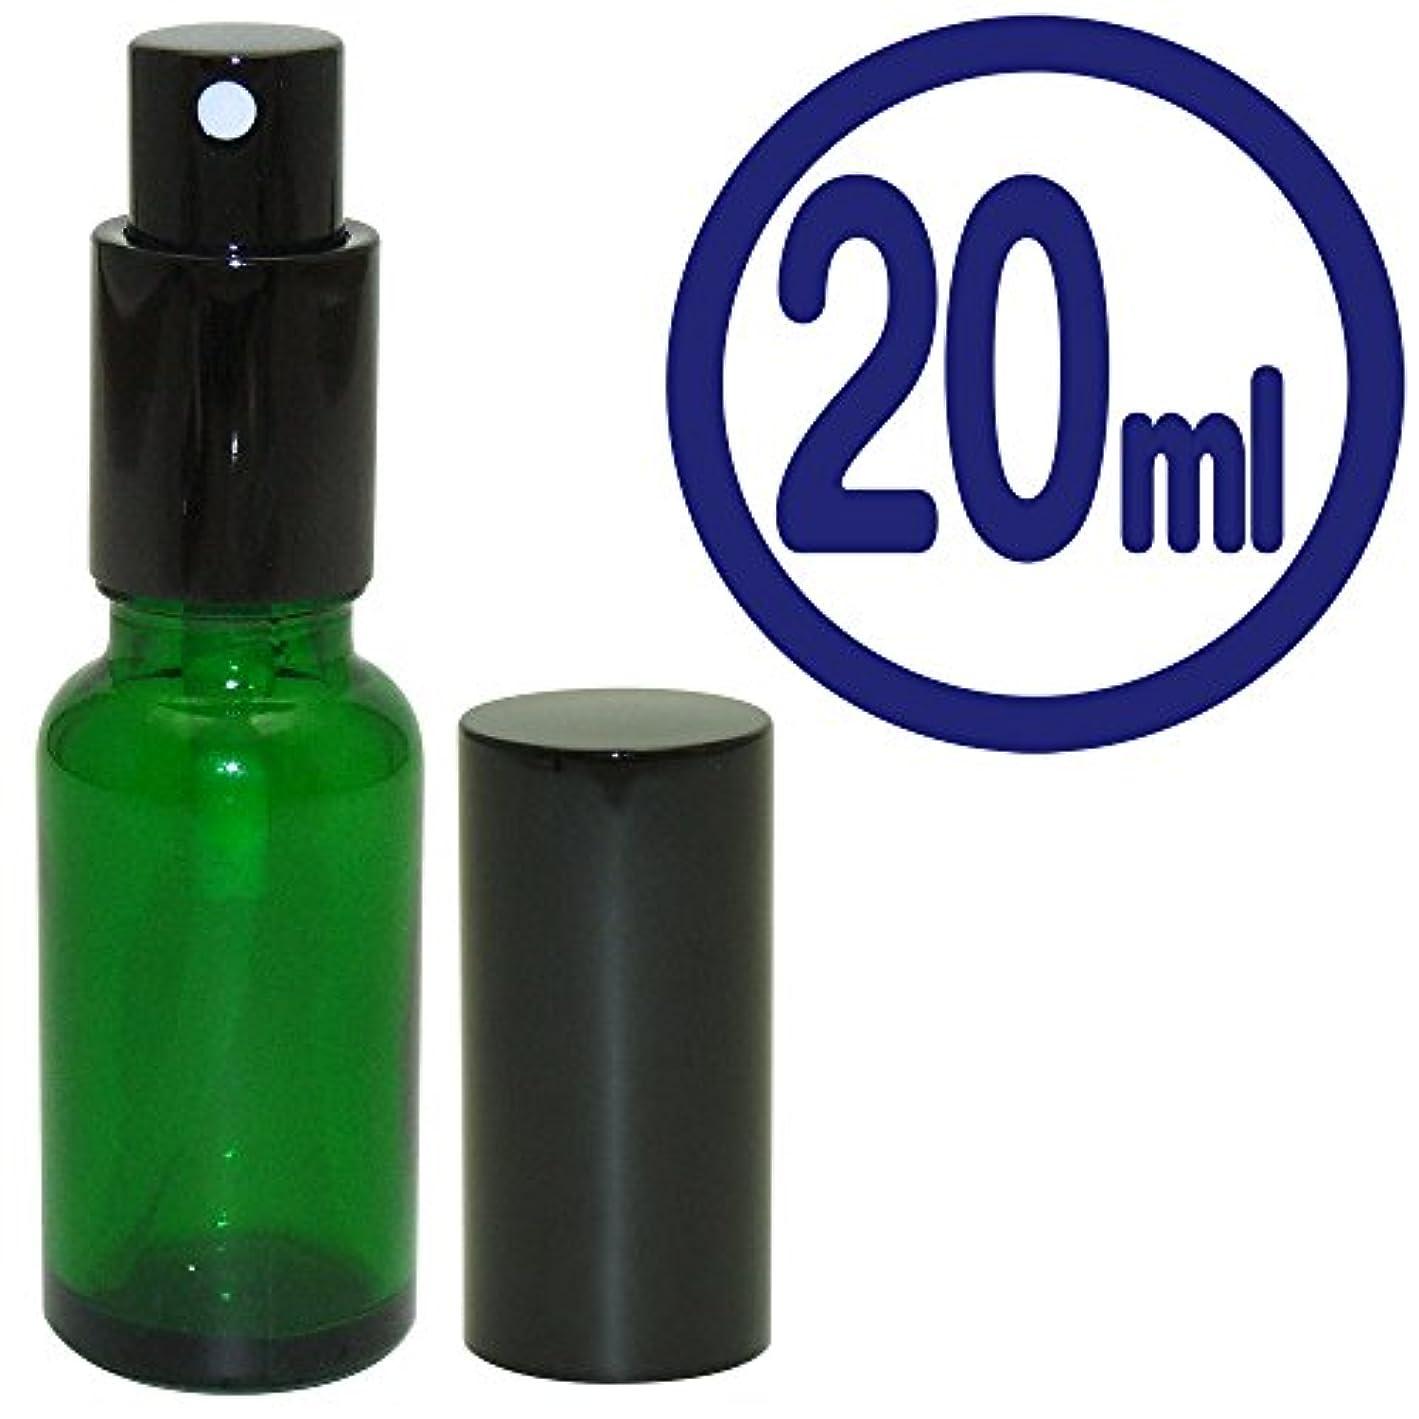 寄託キャビンダイアクリティカルガレージ?ゼロ 遮光ガラス瓶 スプレータイプ【緑】 20ml/GZSQ18/スプレーボトル/アトマイザー/アロマ保存(緑20ml)